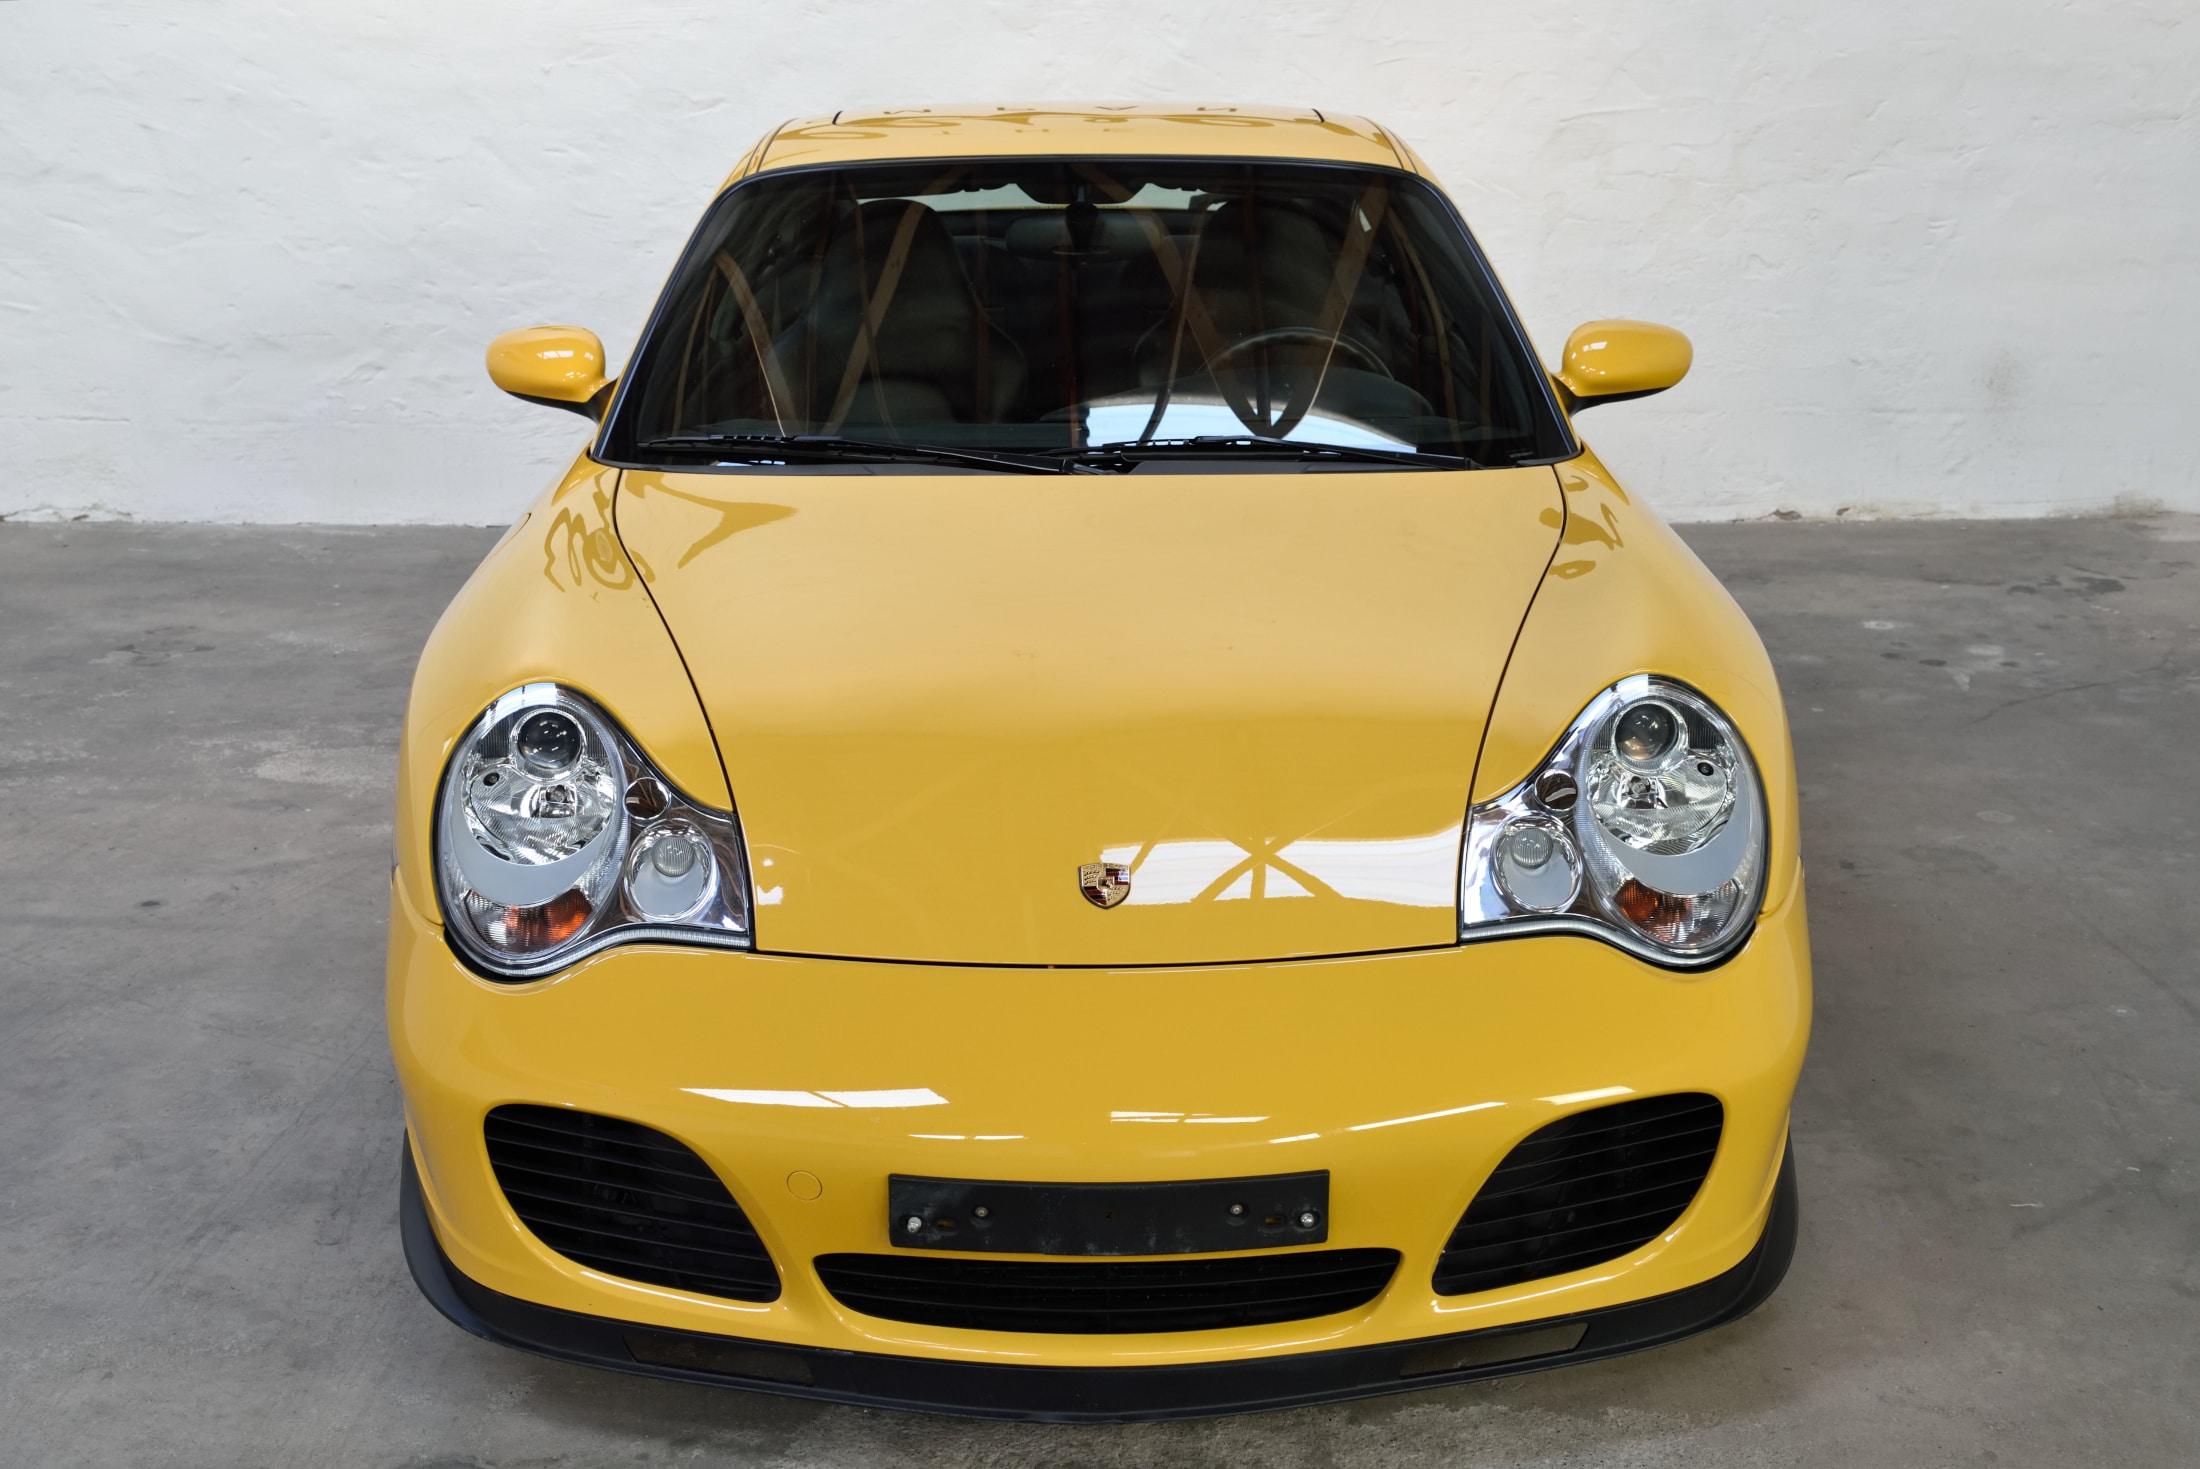 Porsche 996 Turbo WLS